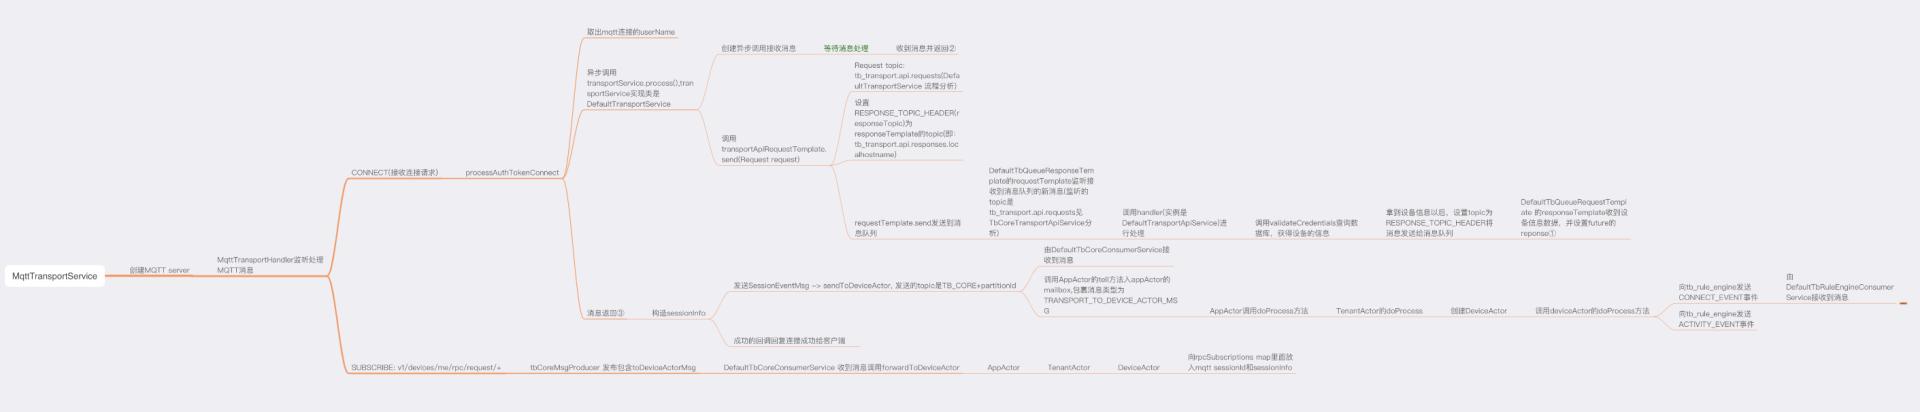 mqtt消息处理流程